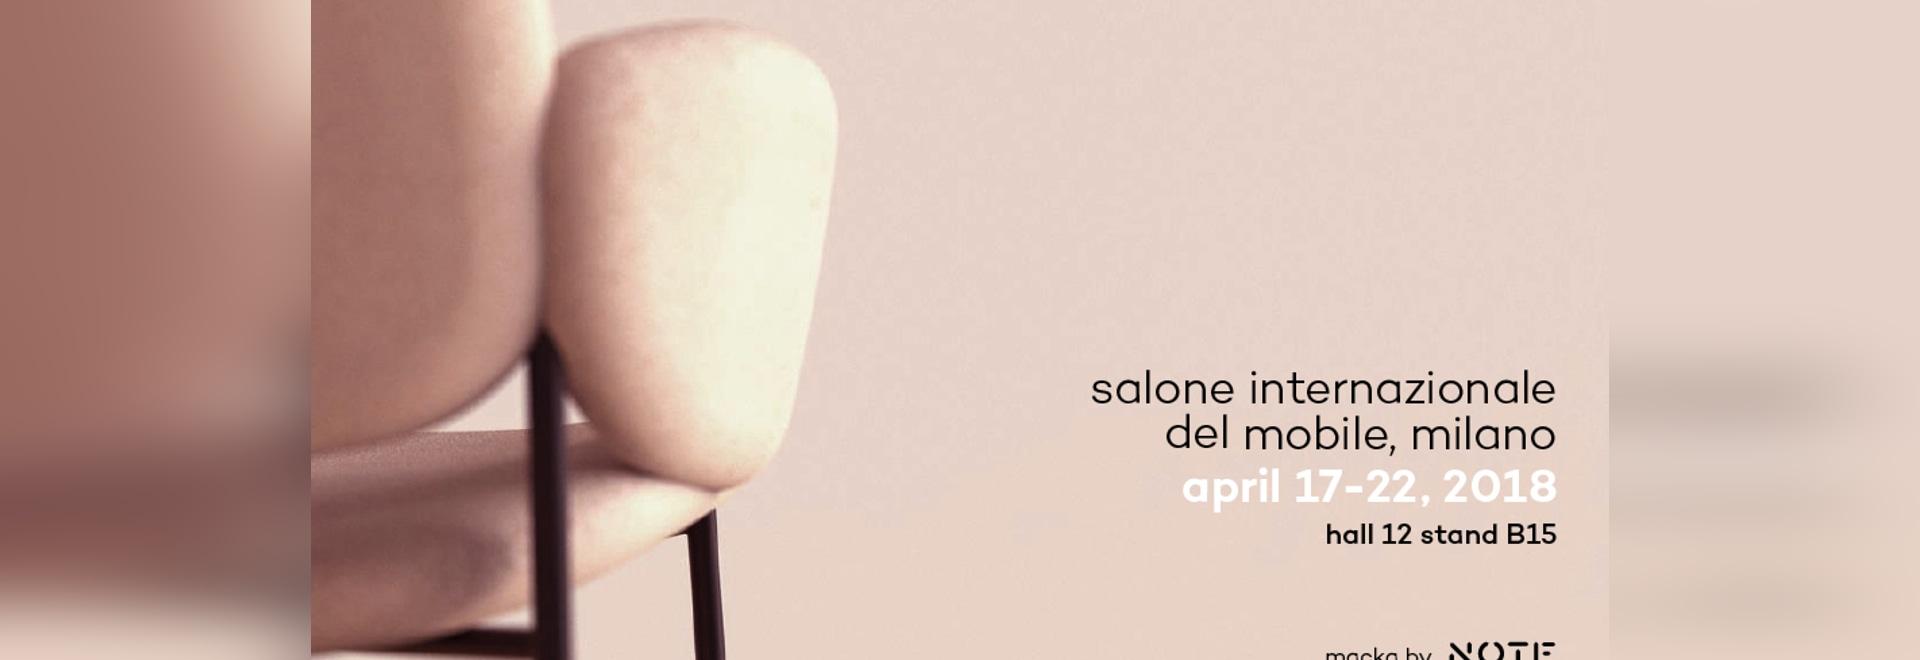 Top news at Salone del Mobile. Milano 2018